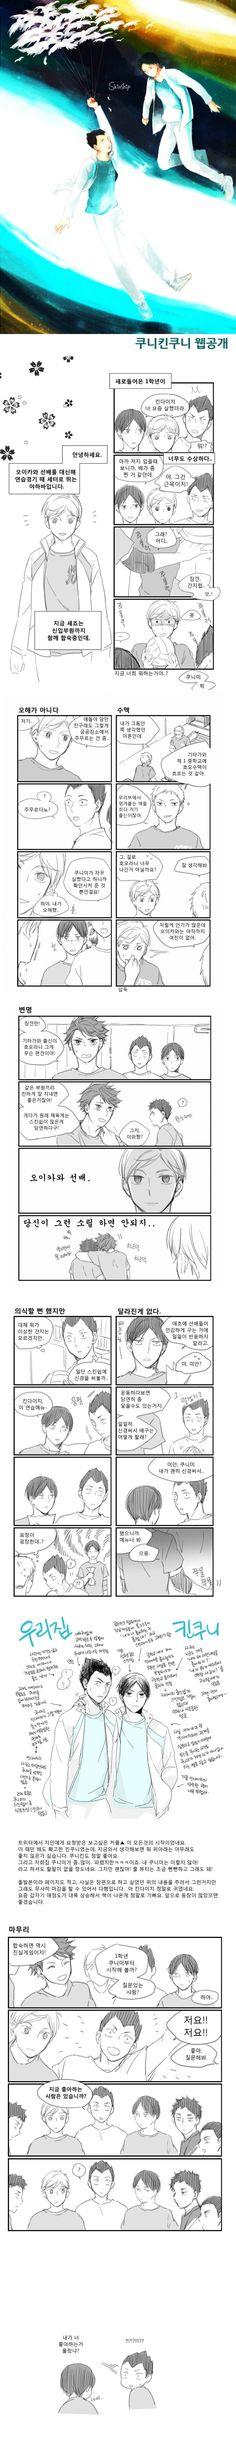 [하이큐/쿠니킨쿠니] 웹공개